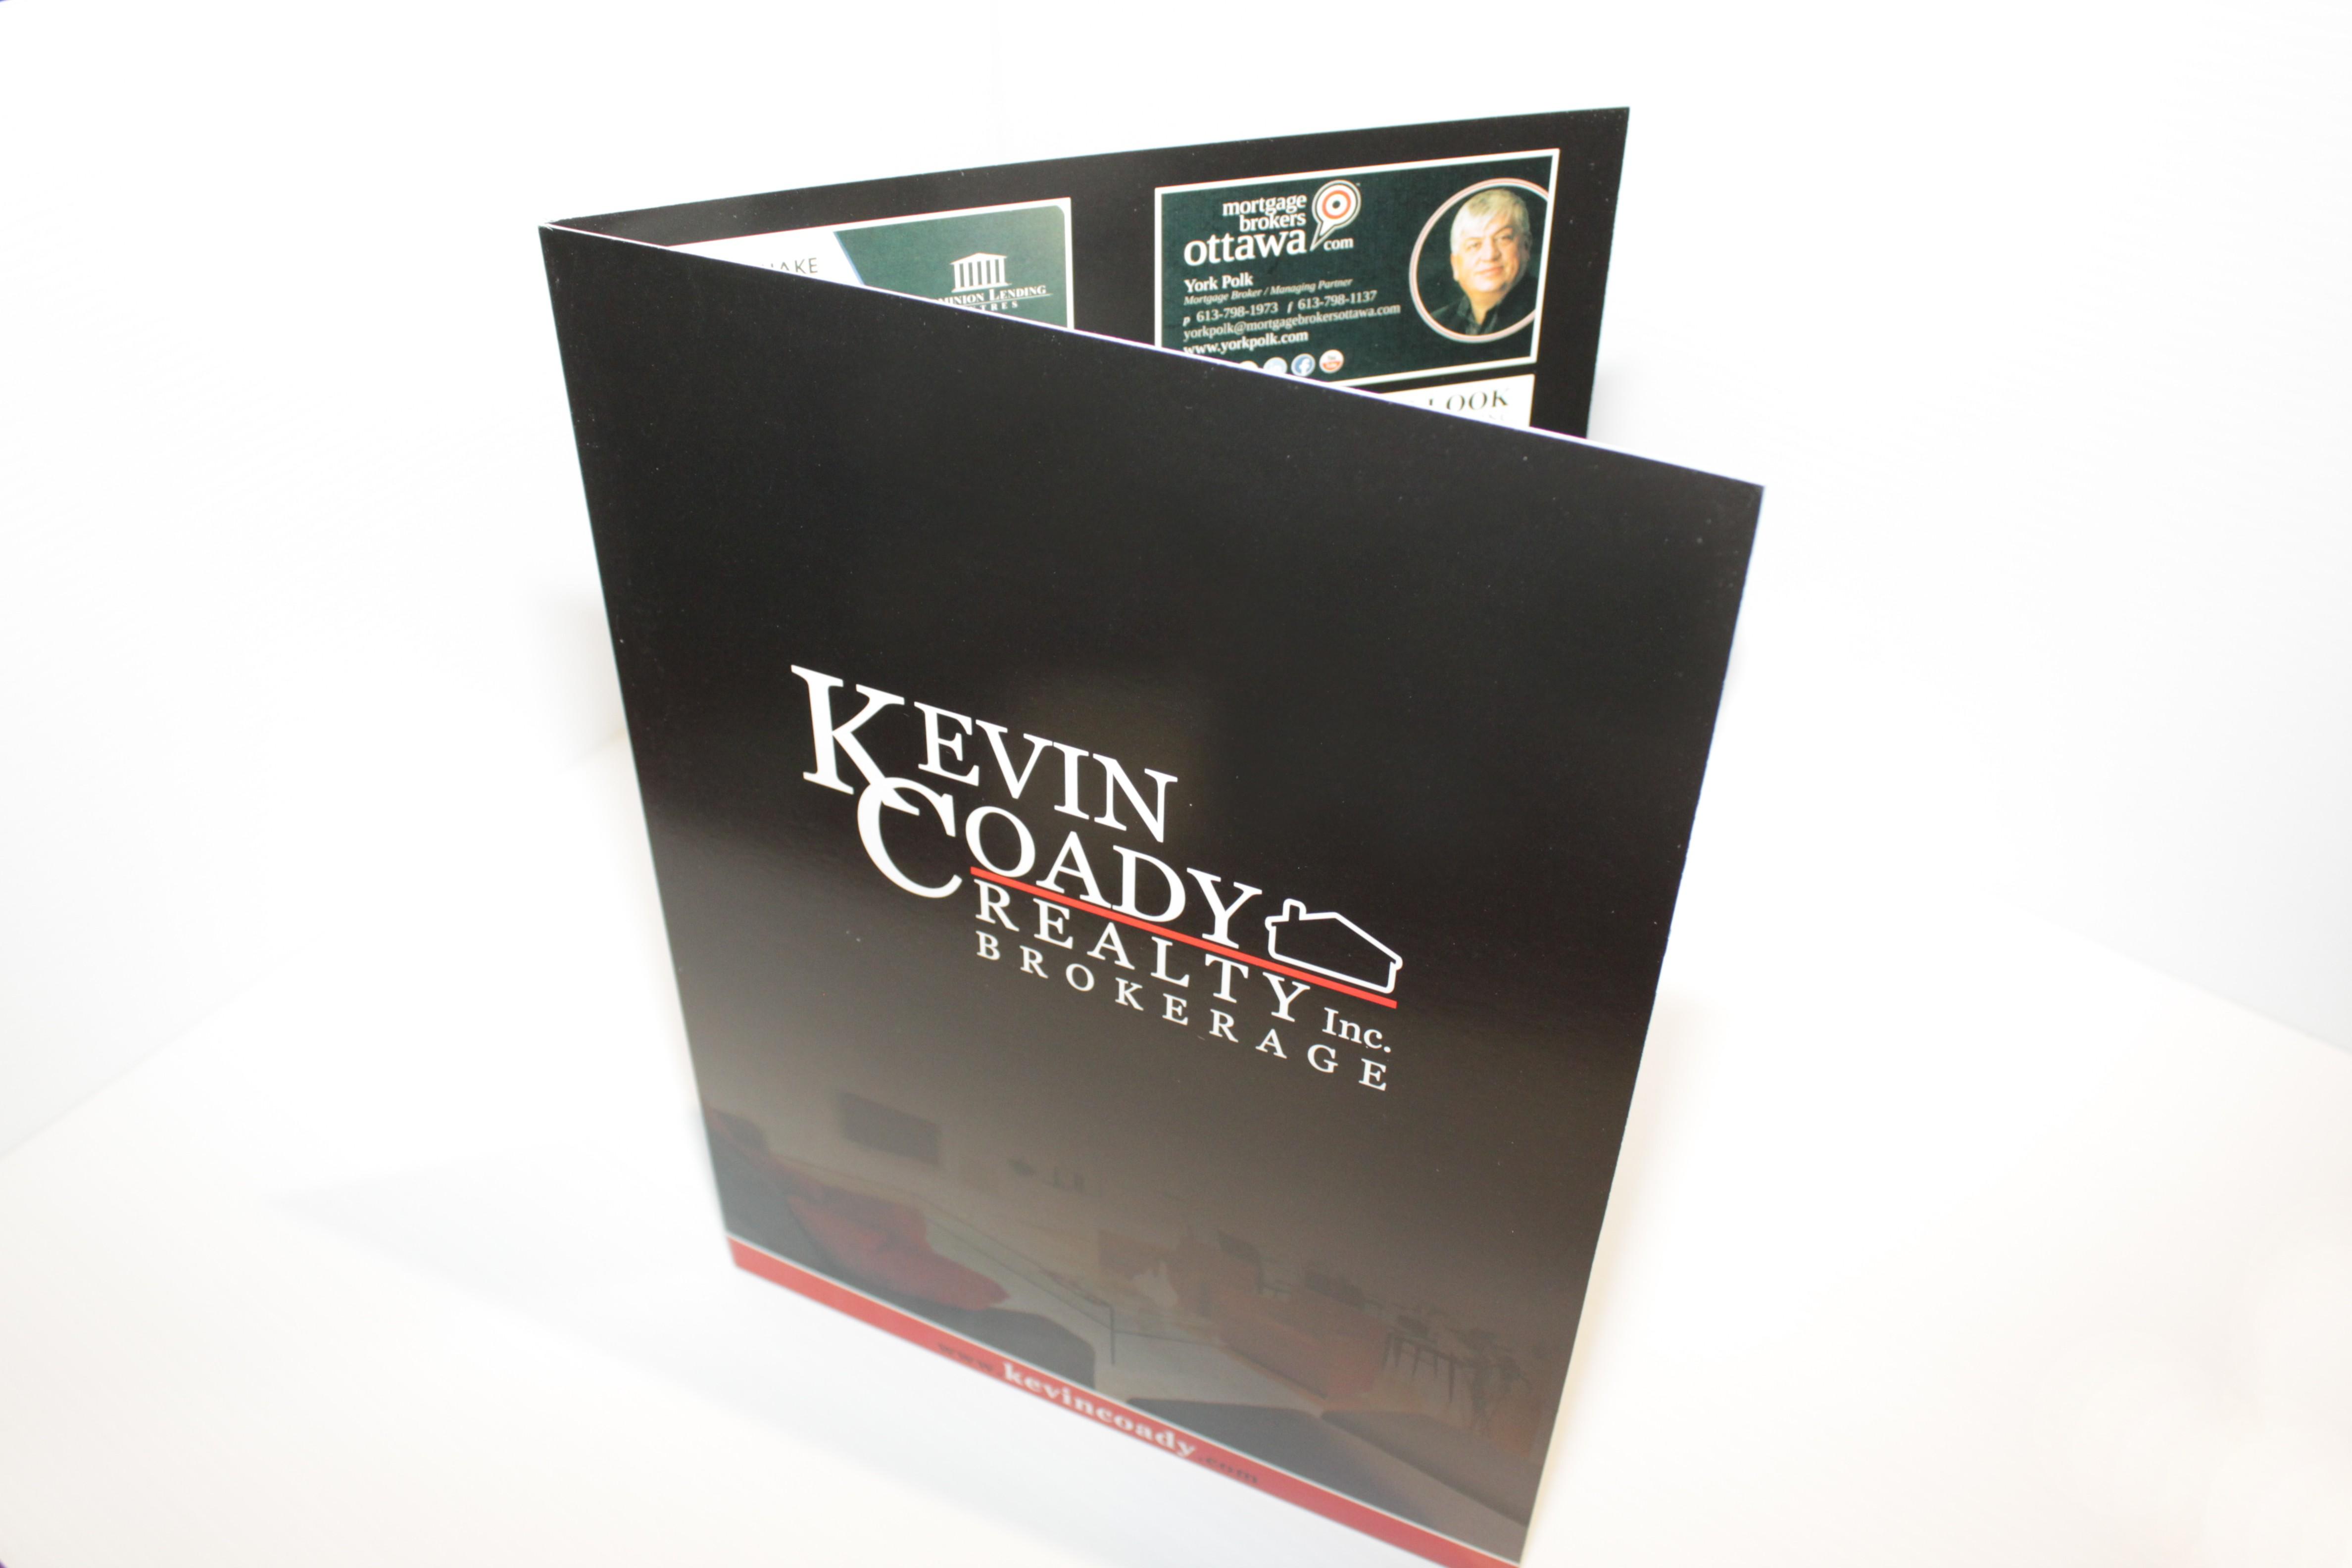 Kevin Coady